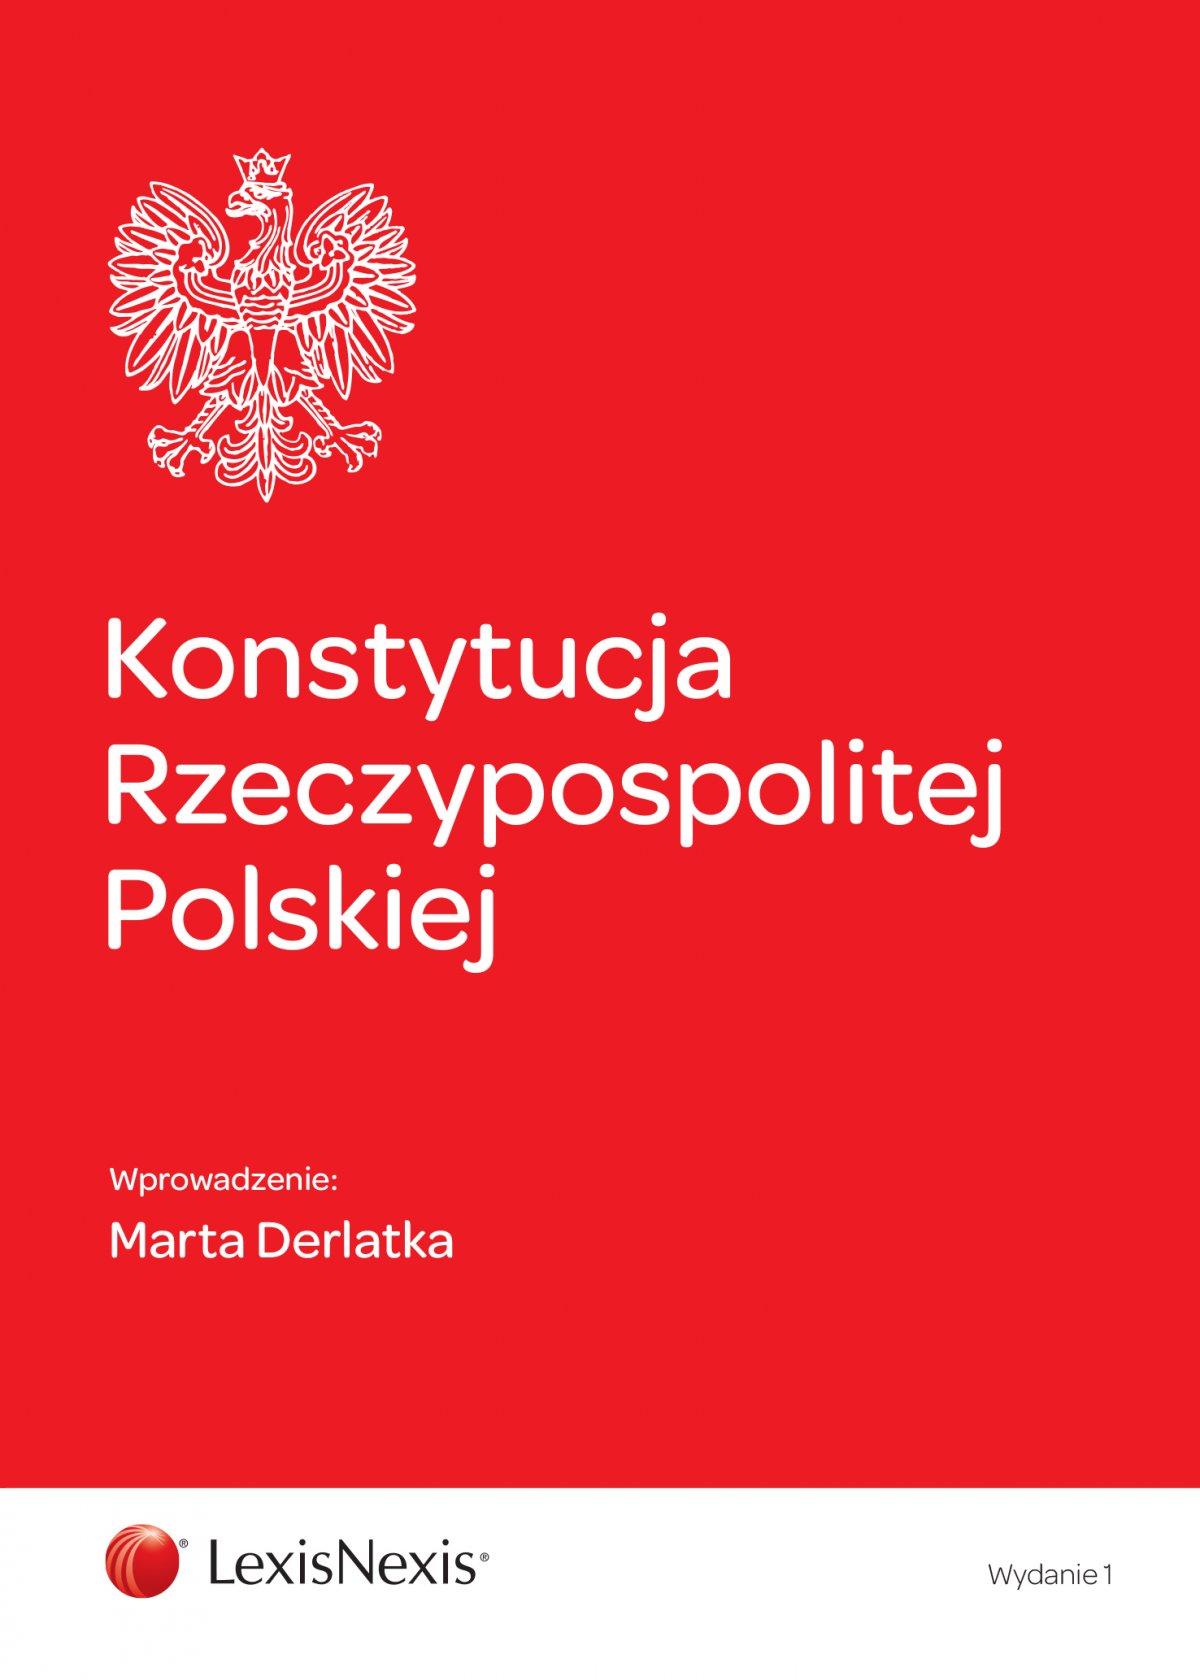 Konstytucja Rzeczypospolitej Polskiej. Wydanie 1 - Ebook (Książka EPUB) do pobrania w formacie EPUB